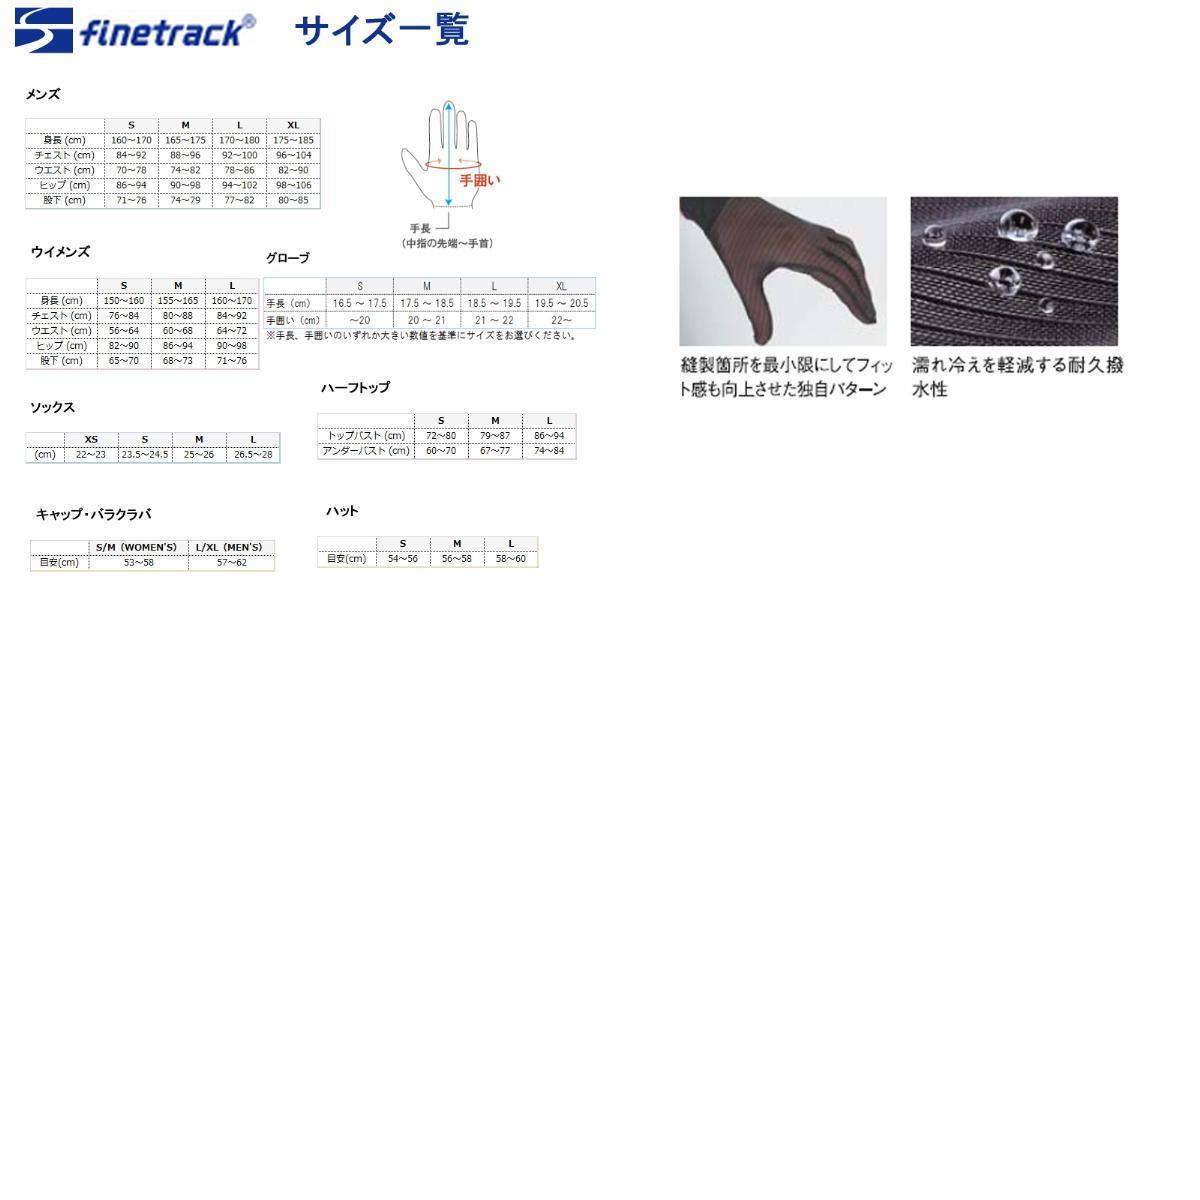 ファイントラック(finetrack) パワーメッシュ インナーグローブ M BK(ブラック) FAU0201